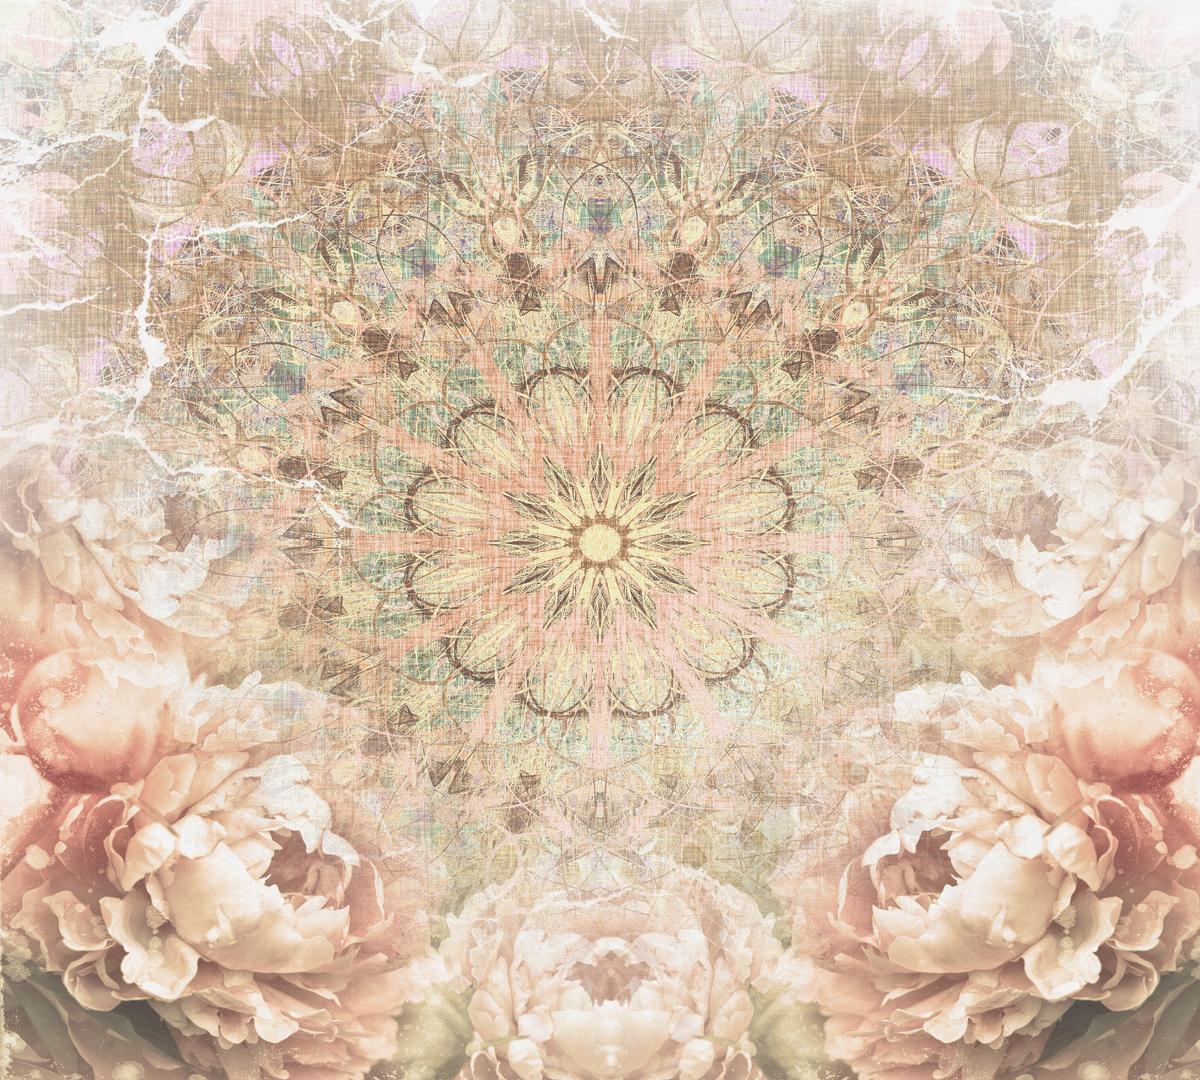 Фотообои Barton Wallpapers Цветы, 300 x 270 см. F12503RG-D31SФотообои Barton Wallpapers позволят создать неповторимый облик помещения, в котором они размещены. Фотообои наносятся на стены тем же способом, что и обычные обои. Рельефная структура основы делает фотообои необычными, неповторимыми, глубокими и манящими.Фотообои снова вошли в нашу жизнь, став модным направлением декорирования интерьера. Выбрав правильную фактуру и сюжет изображения можно добиться невероятного эффекта живого присутствия.